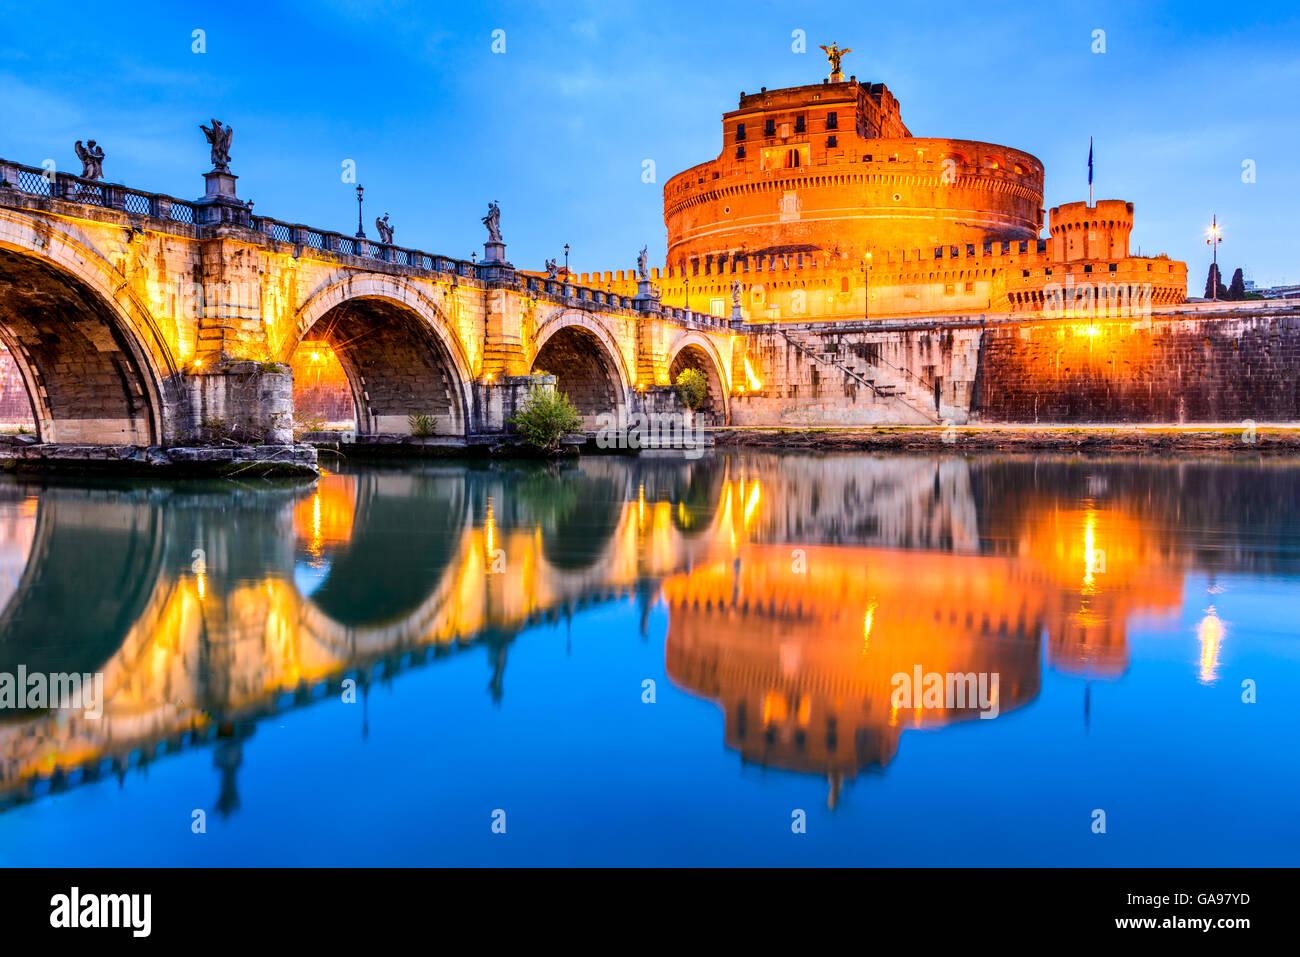 Roma, Italia. Castel Sant Angelo twilight, costruita dall'imperatore Adriano come mausoleo in 123annuncio antico Immagini Stock